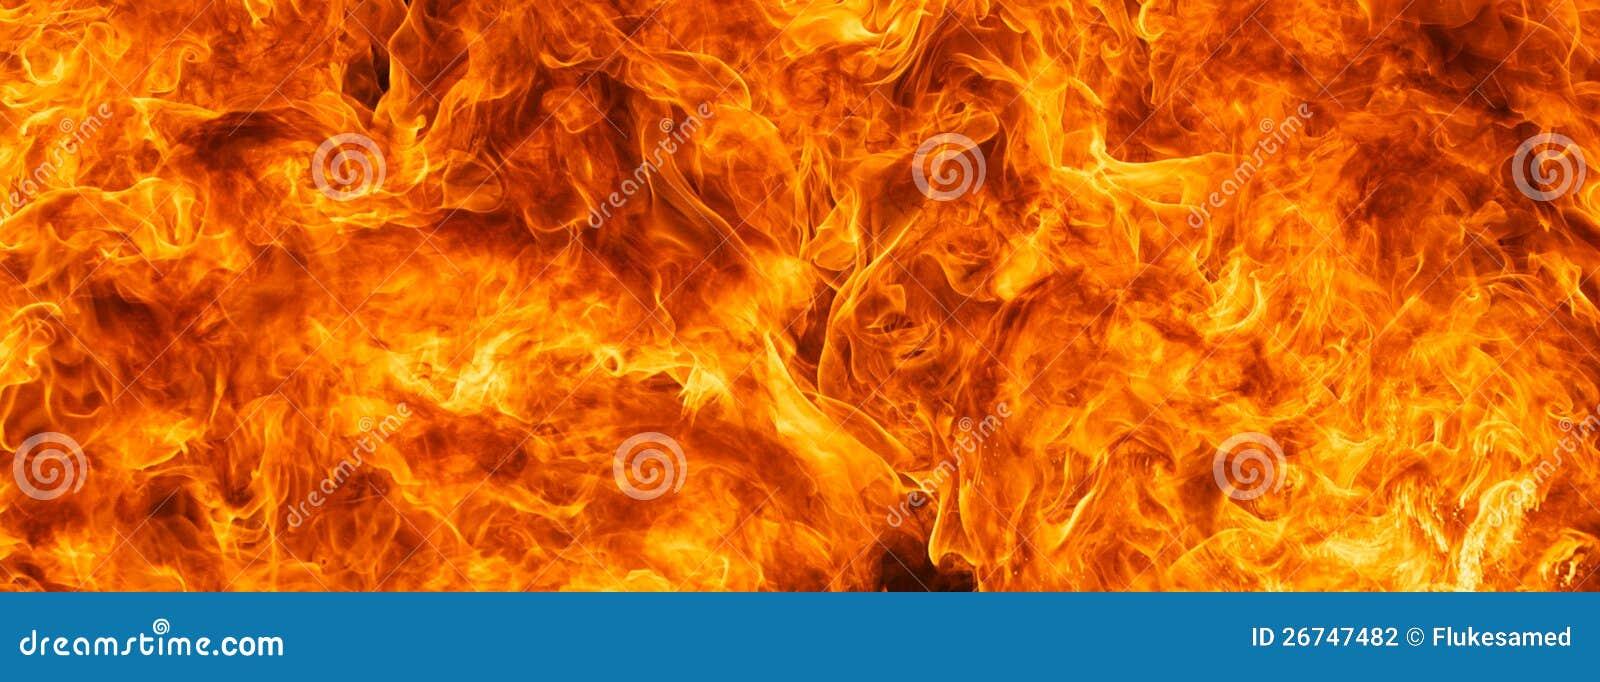 图片 包括有 特写镜头, 黄色, 温暖, 晚上, 营火, 燃料, 地域, 汽油